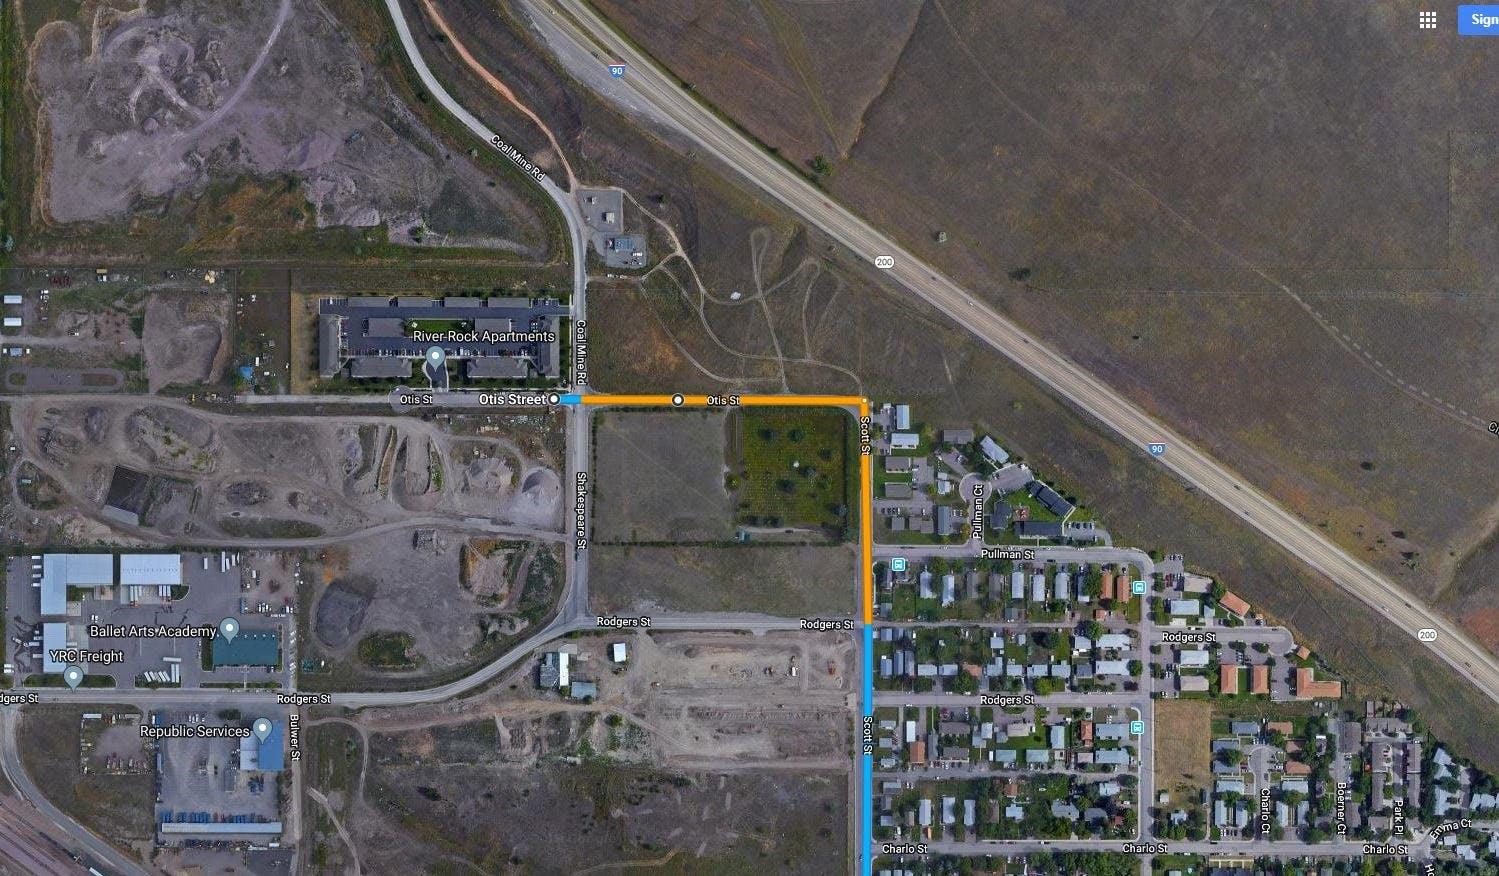 Location_Villagio Aerial Map of Otis Street Highlighted.jpg